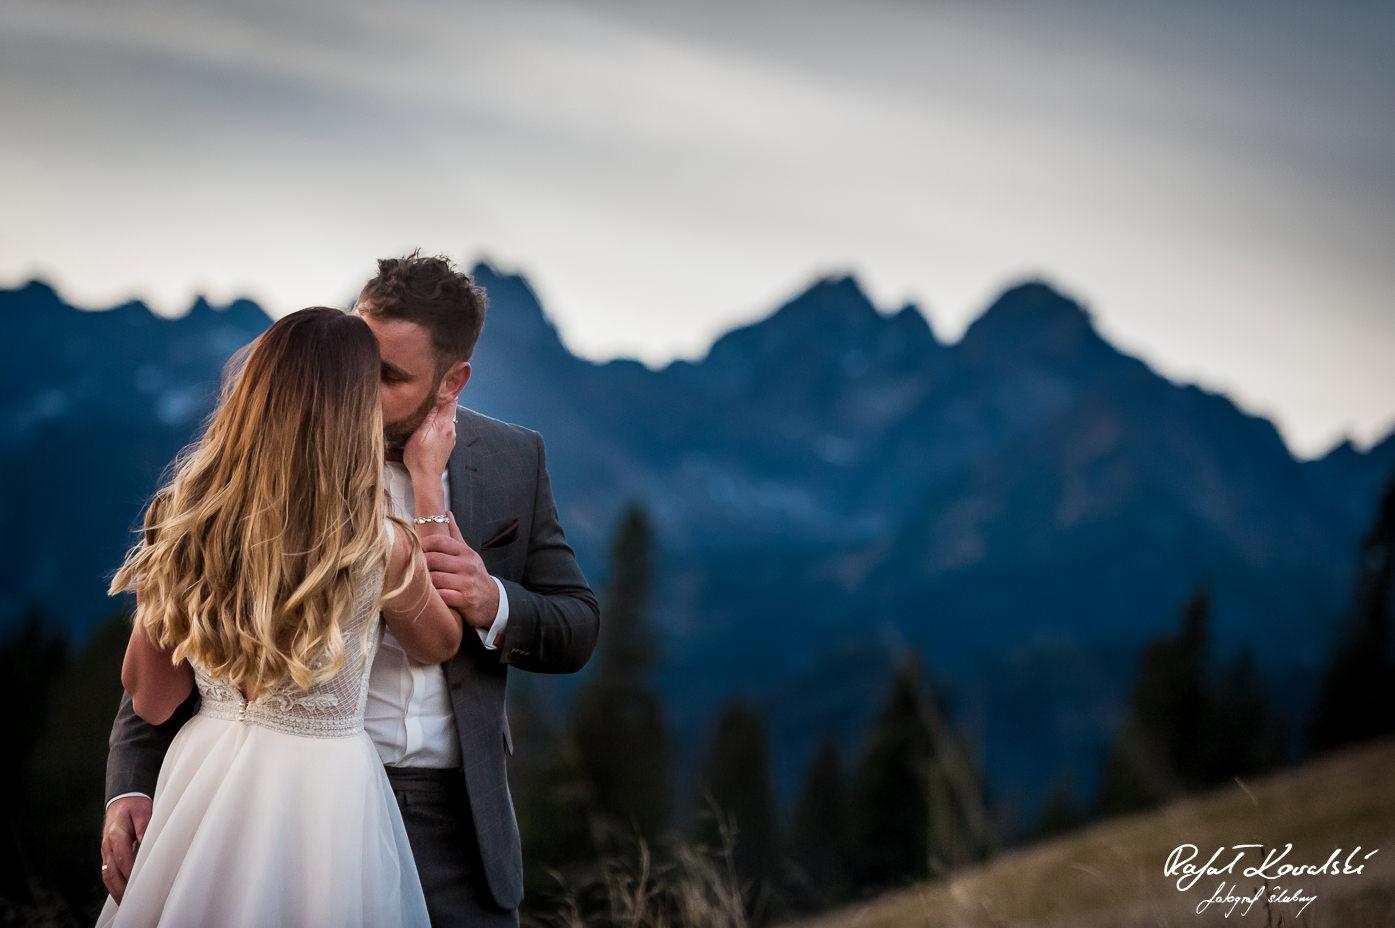 Sesja ślubna w Tatrach pocałunek zakochanych na tle górskich szczytów fotograf Ślubny Rafał Kowalski